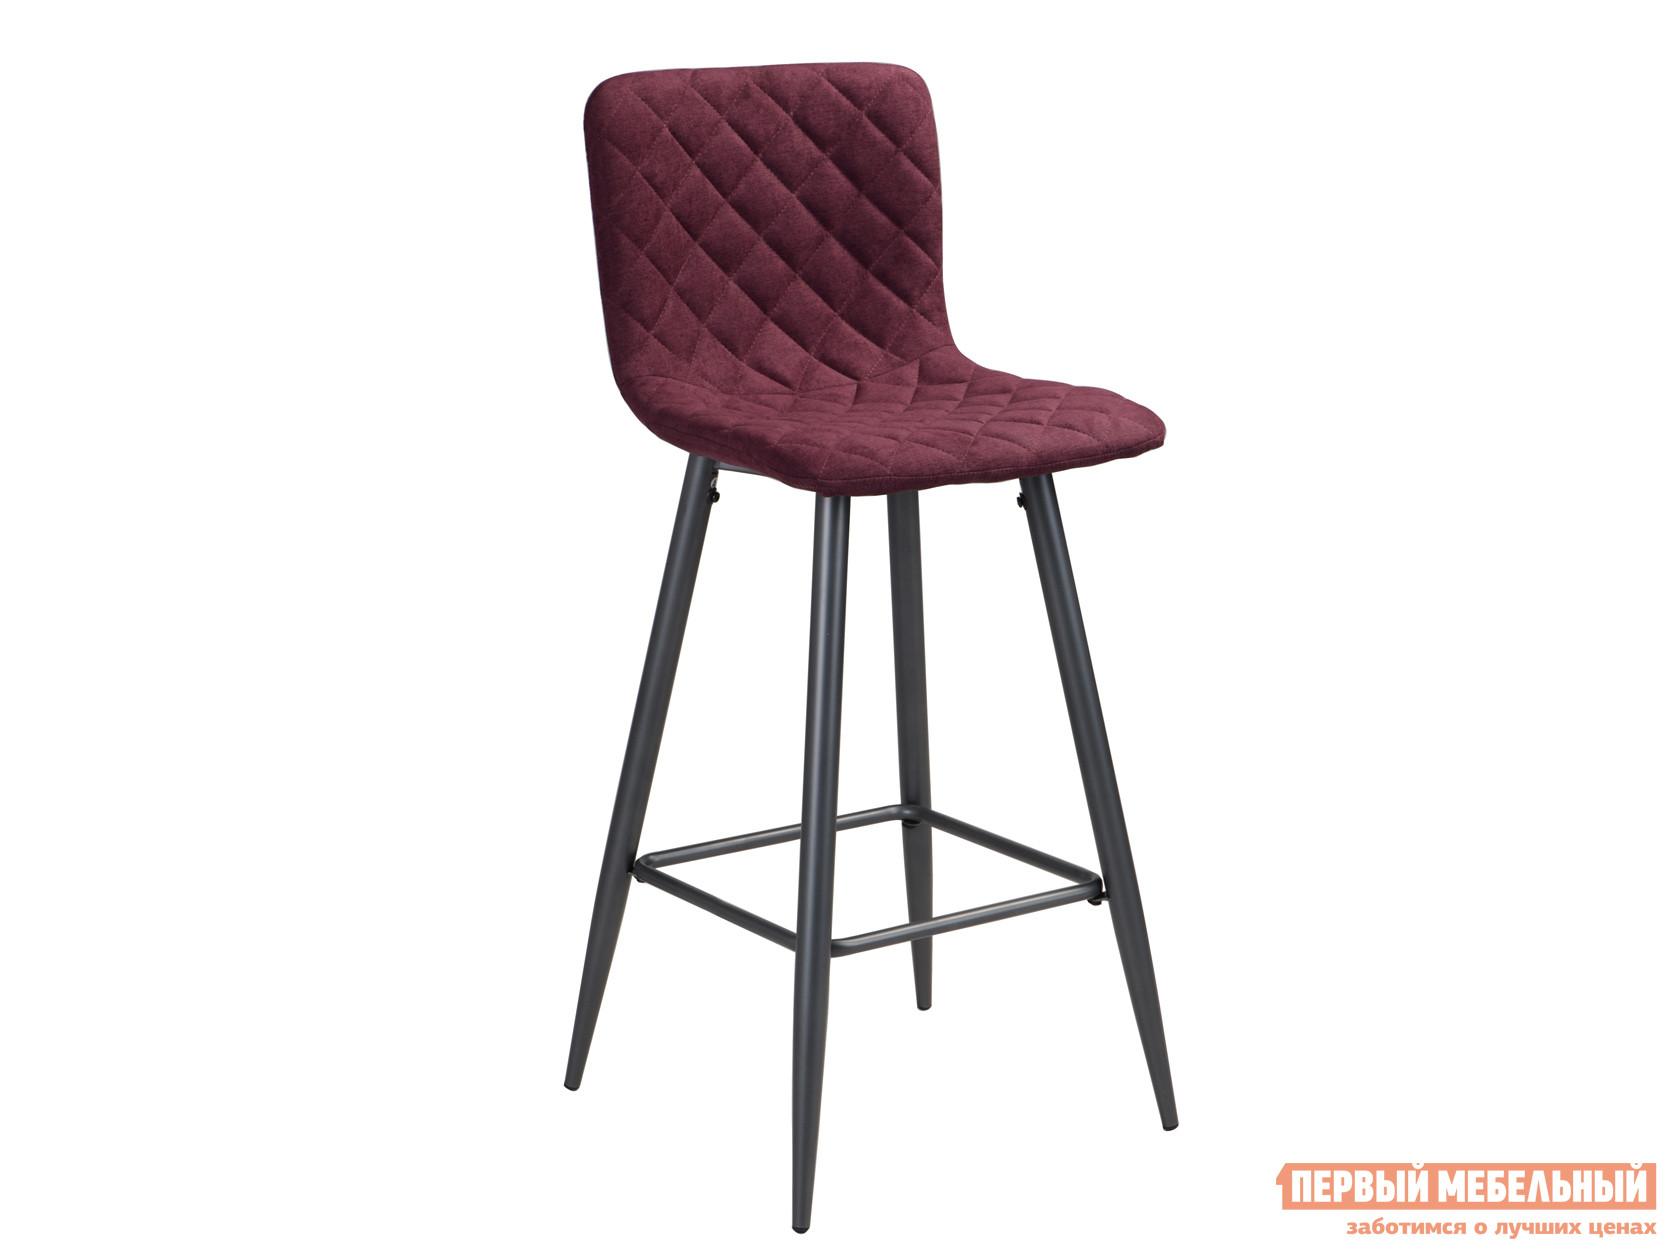 Барный стул STOOL GROUP Морган Бордовый от Купистол